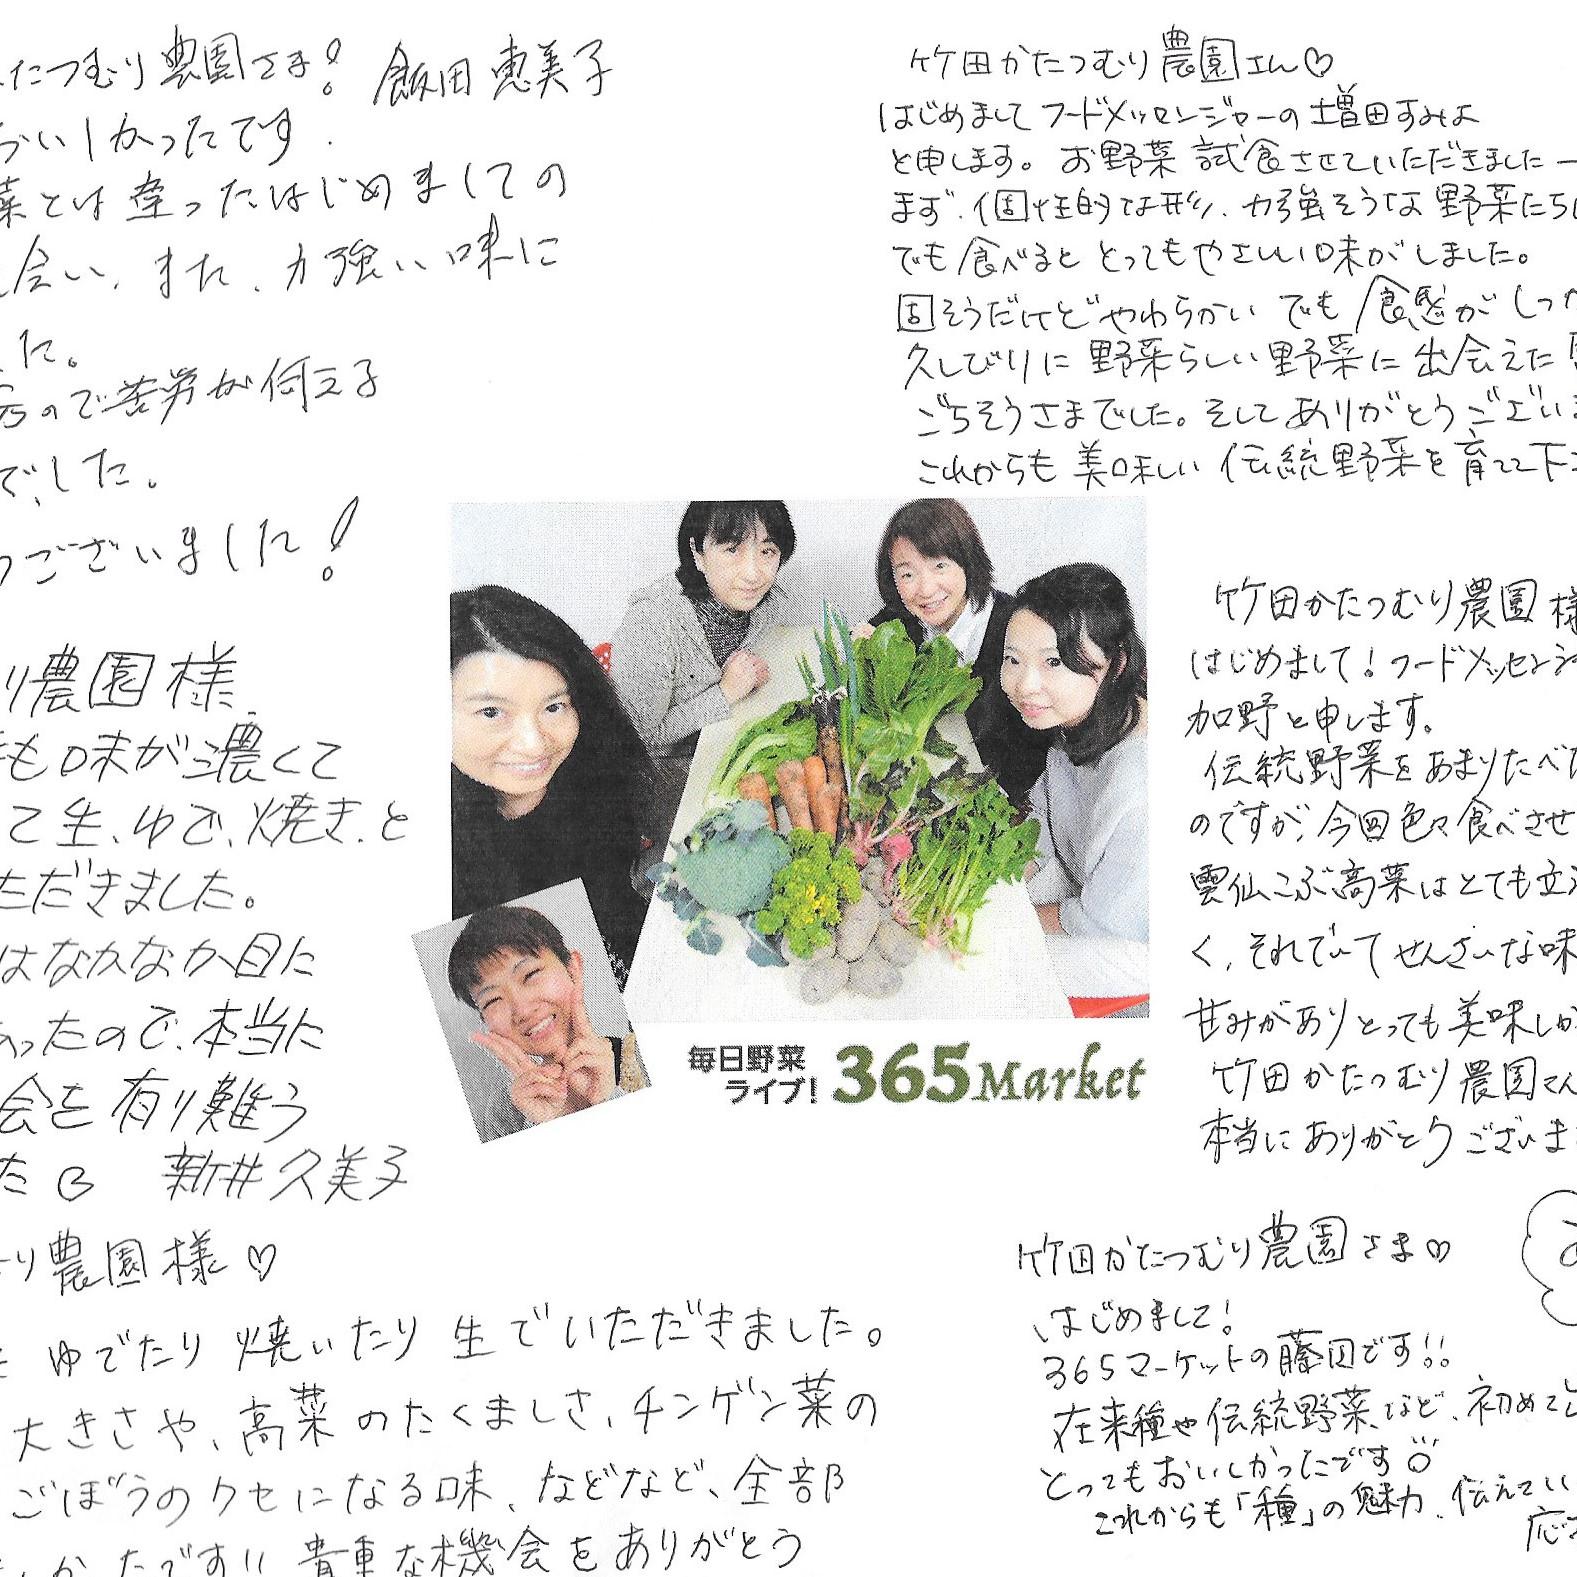 はじめての長崎伝統野菜〜FM試食交流会に参加!